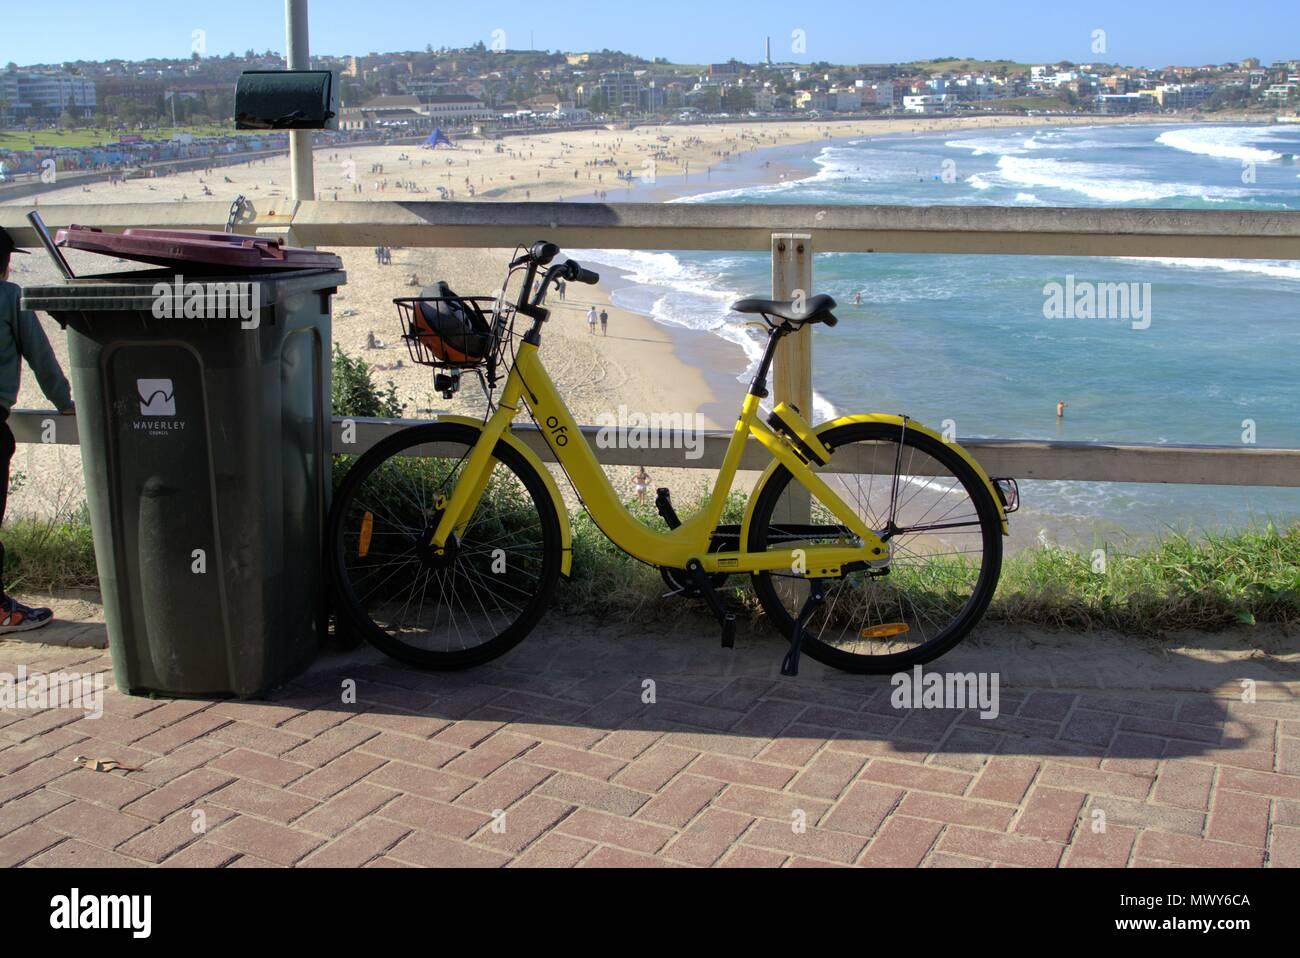 Ofo bike am Bondi Beach in Sydney Australien geparkt. Mitfahrzentrale Leihfahrrad gegen Mülltonne in Sydney geparkt. Nur zur Illustration Editorial. Stockbild